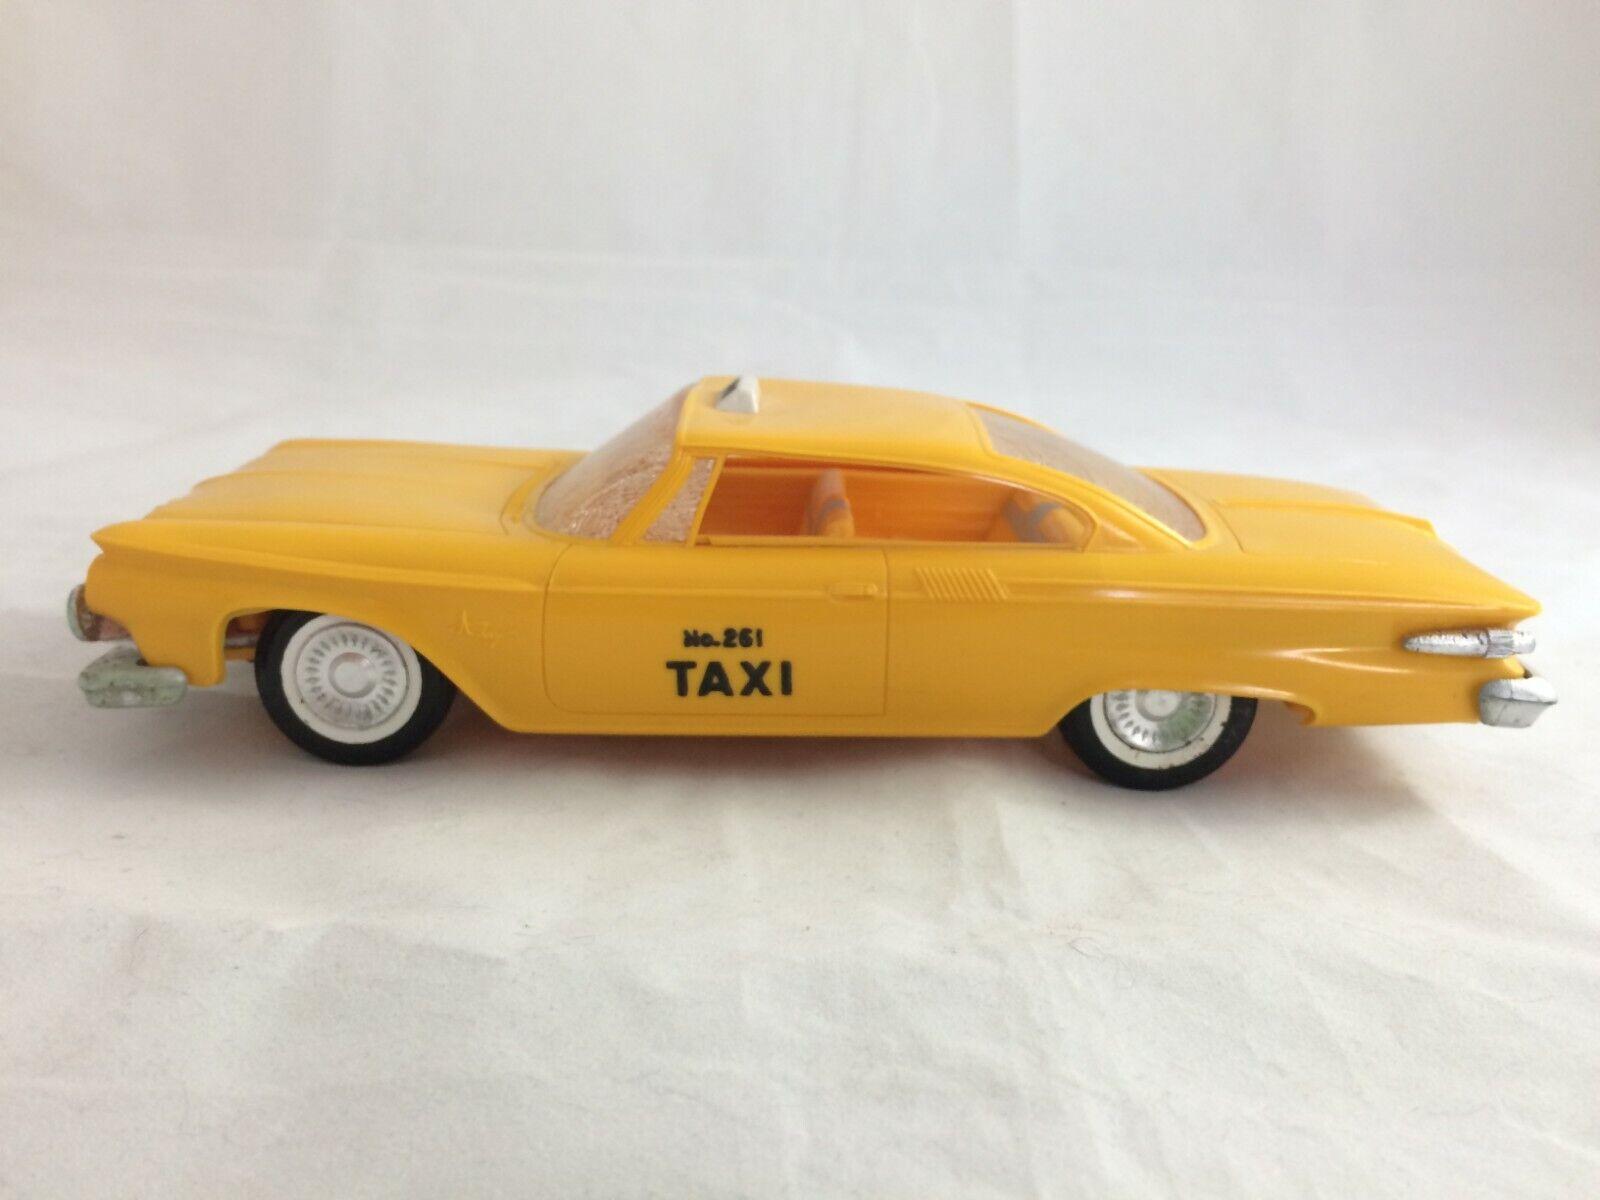 Taxi Cab 1961 Plymouth giallo jo-han Plástico